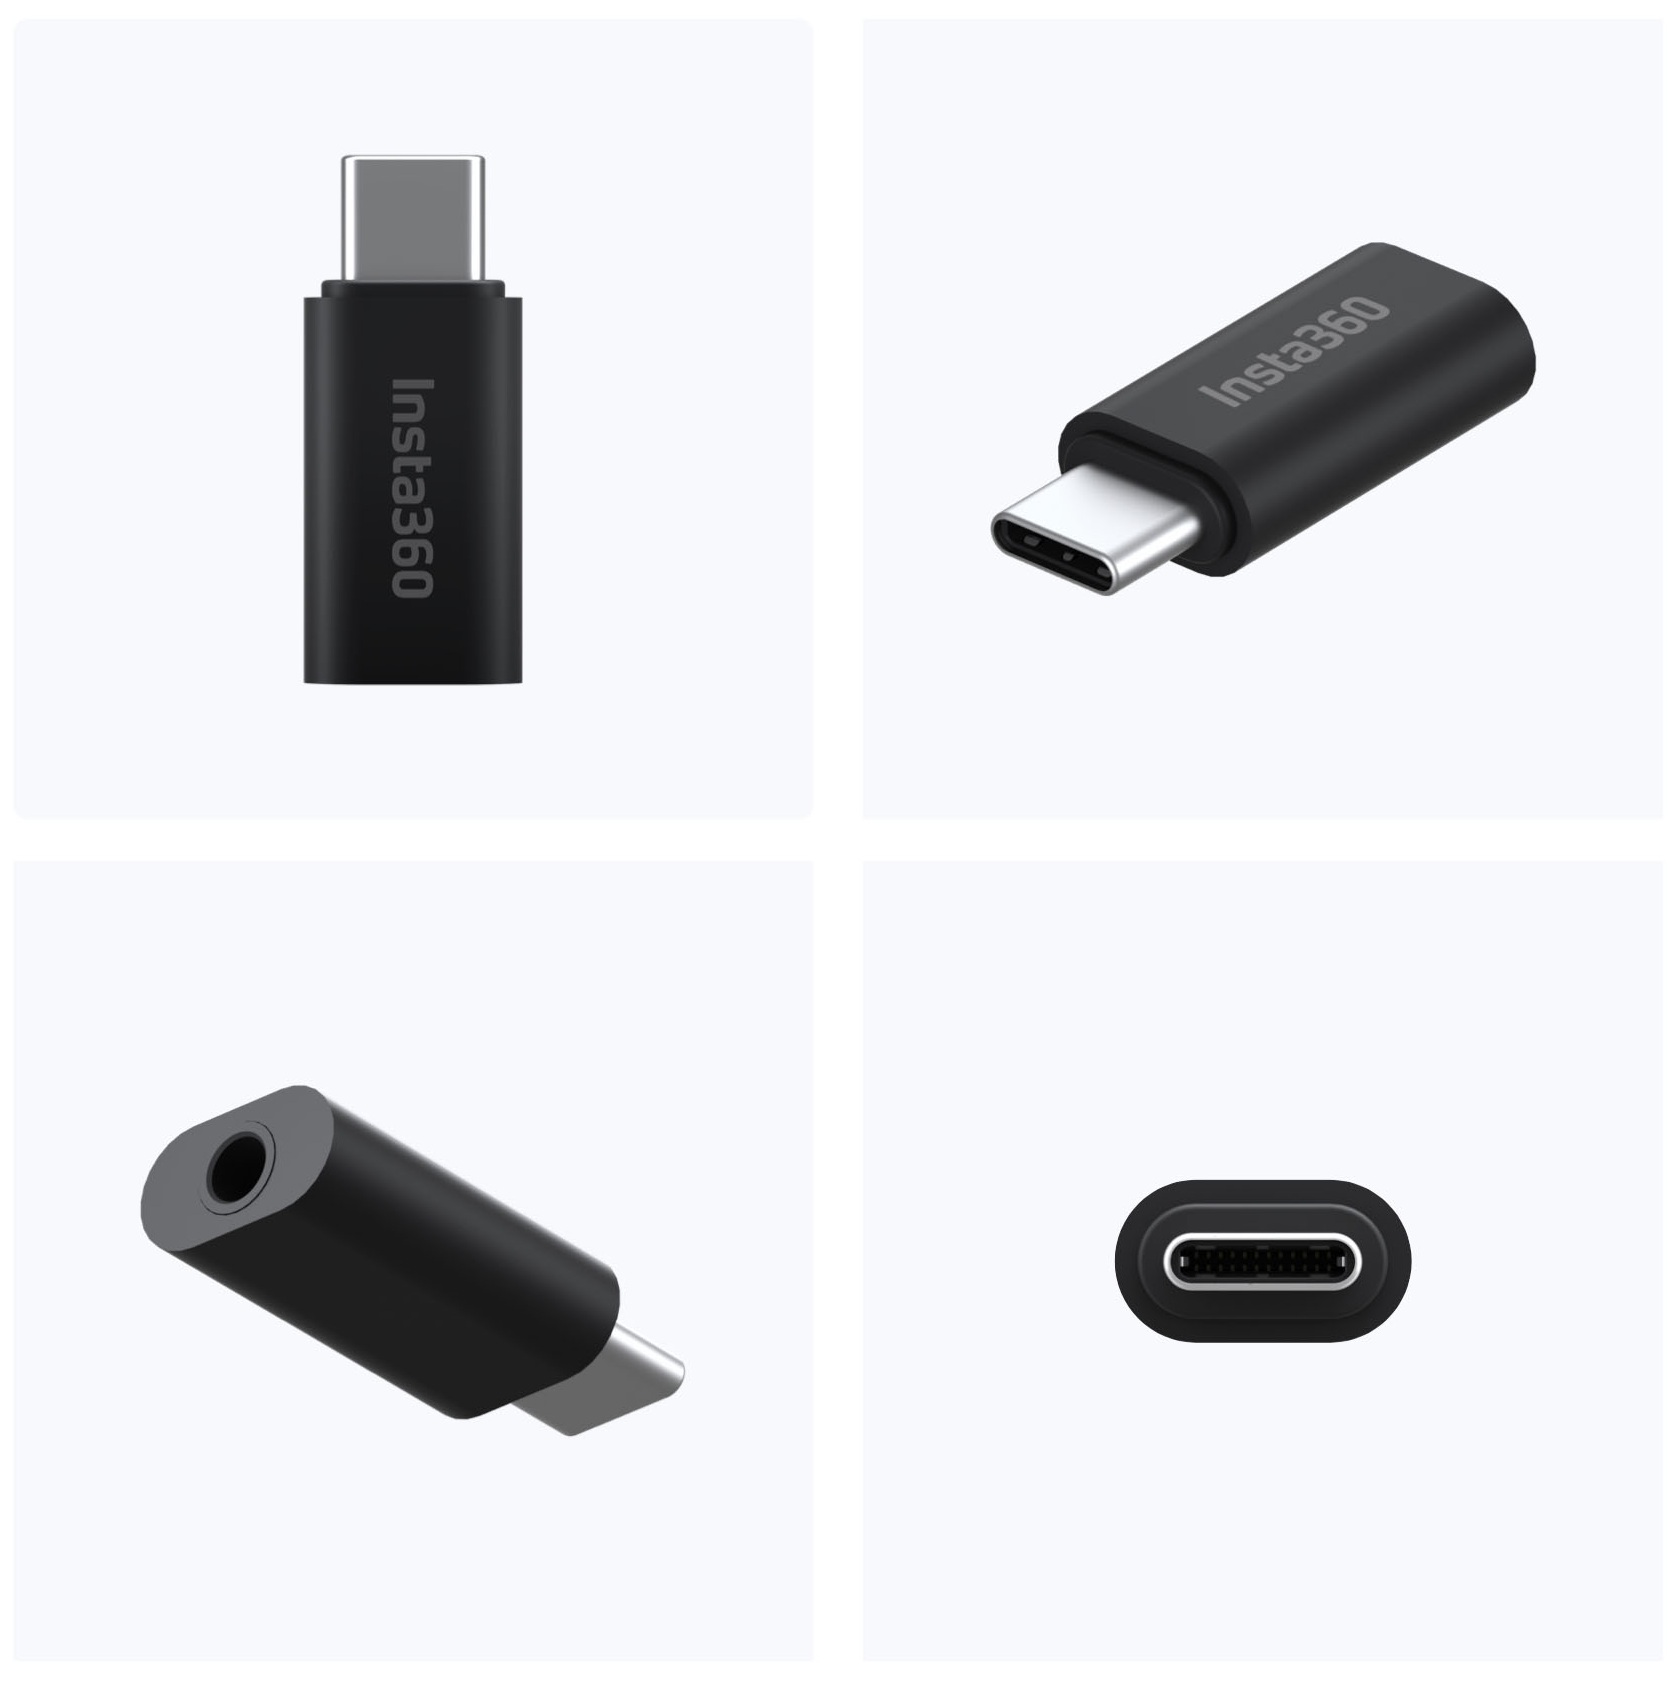 Insta360 ONE R Mic Adapter với một đầu USB-C và một đầu micro 3.5mm